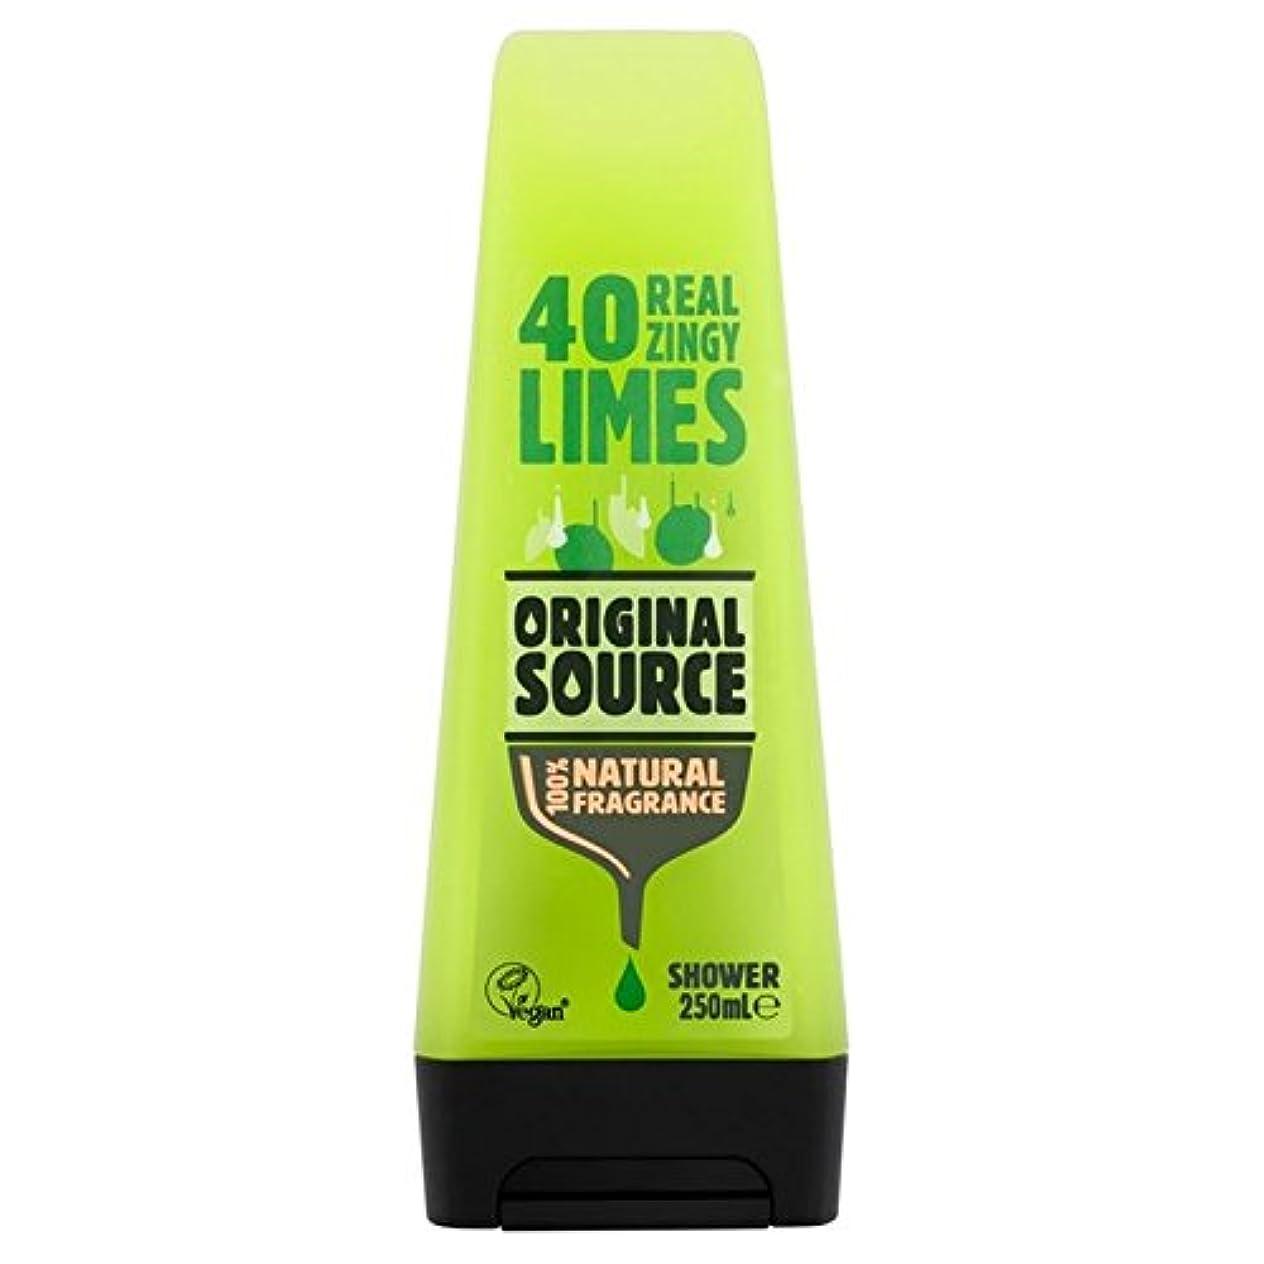 迫害するクレタ芸術Original Source Lime Shower Gel 250ml - 元のソースライムシャワージェル250ミリリットル [並行輸入品]